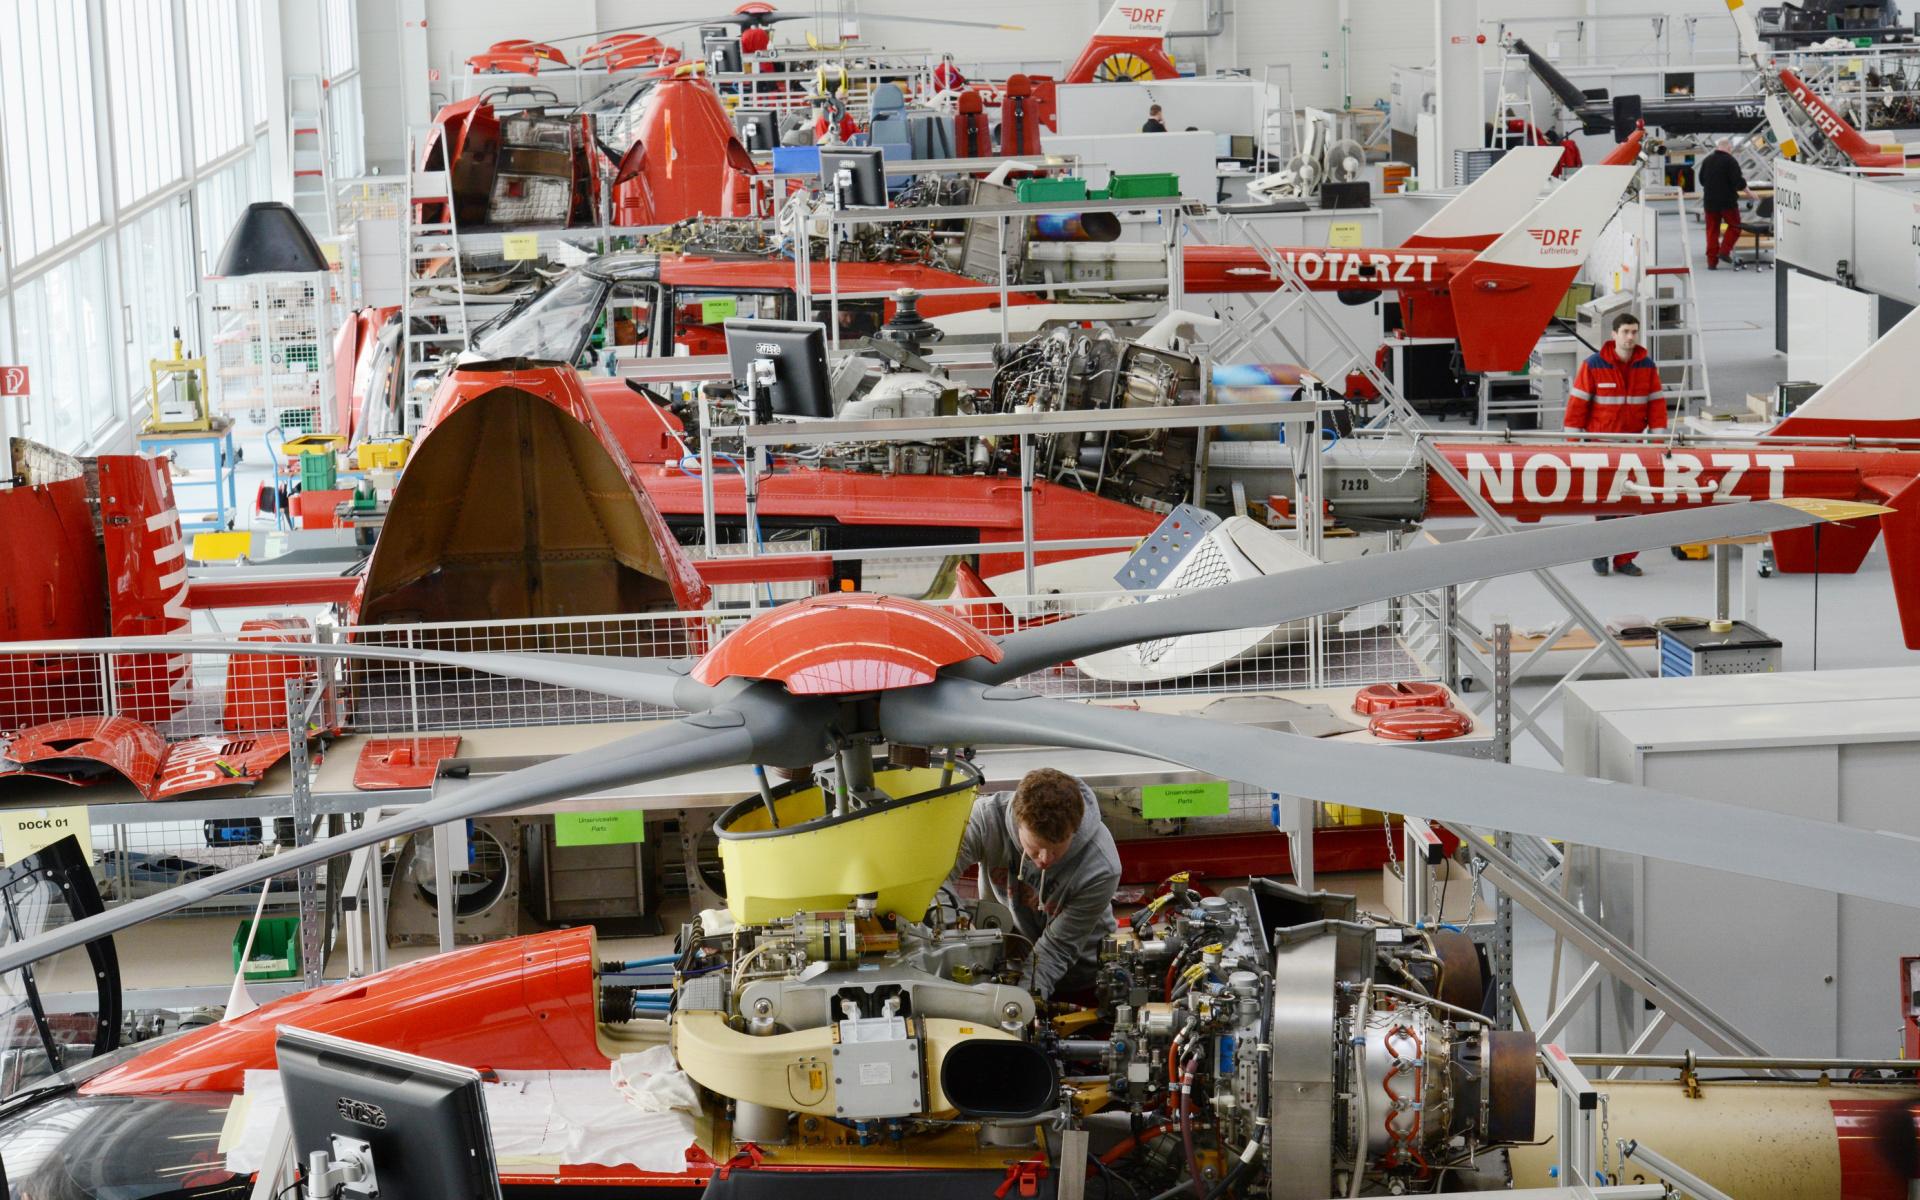 Die Akademie der DRF Luftrettung verfügt über jahrelange Erfahrung in der Wartung und Entwicklung von Hubschraubern und Ambulanzflugzeugen.